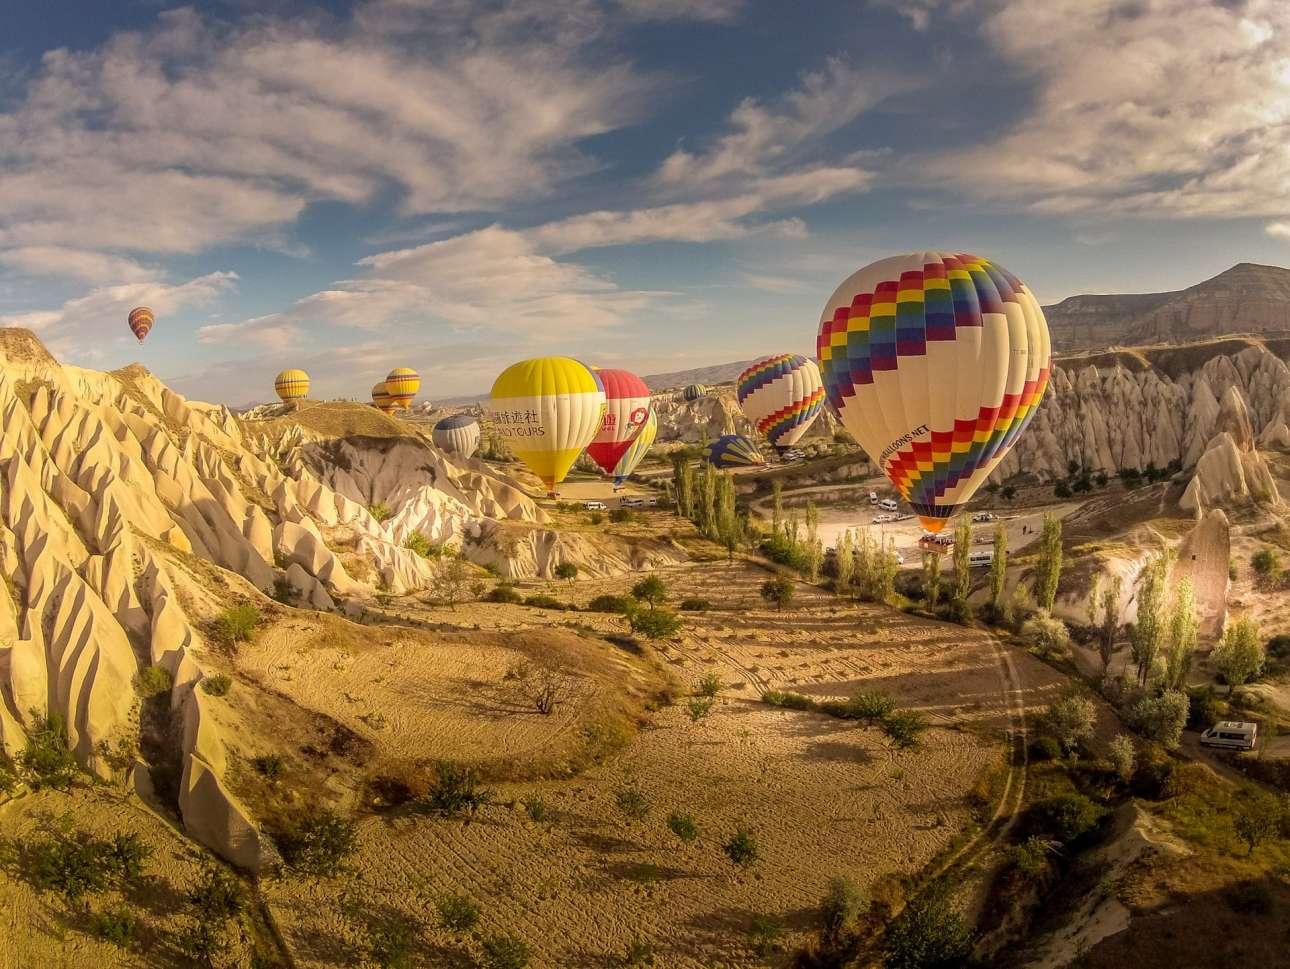 Βόλτα με αερόστατα στην Καππαδοκία, στην Τουρκία